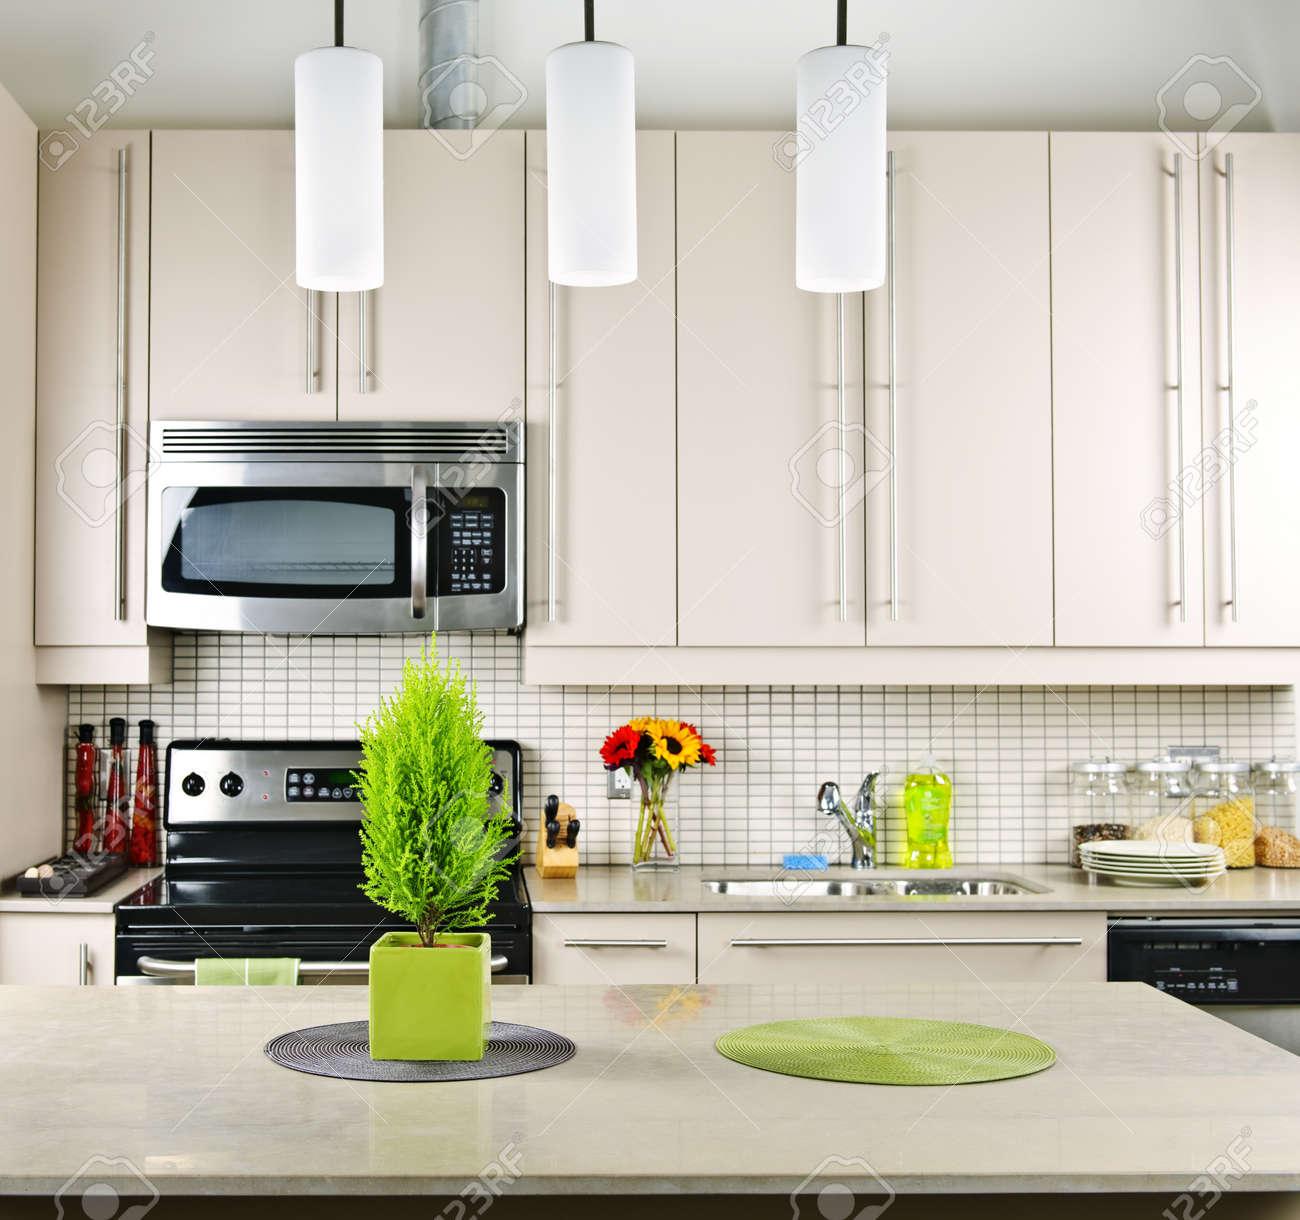 Moderne Kuche Interieur Mit Naturlichen Stein Arbeitsplatte